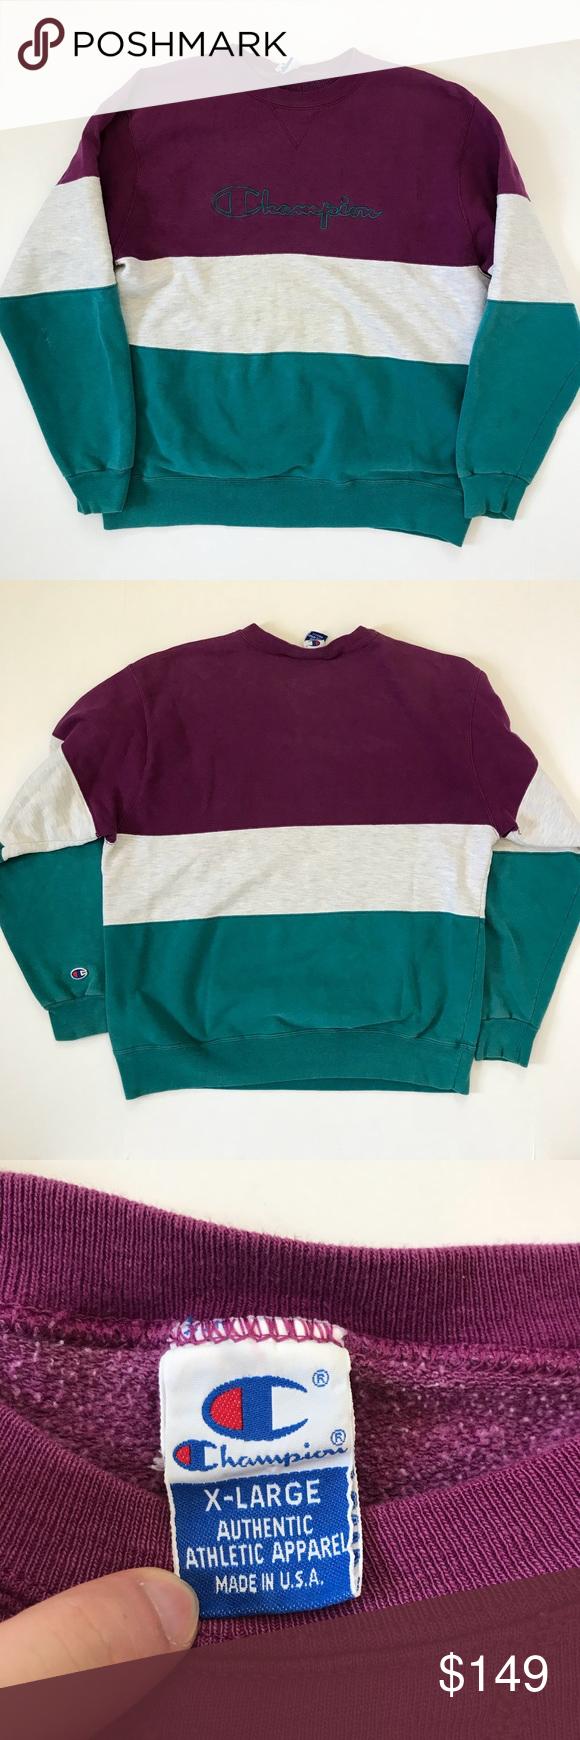 Vtg Champion Color Block Spellout Crew Sweatshirt Sweatshirt Fabric Sweatshirts Crew Sweatshirts [ 1740 x 580 Pixel ]